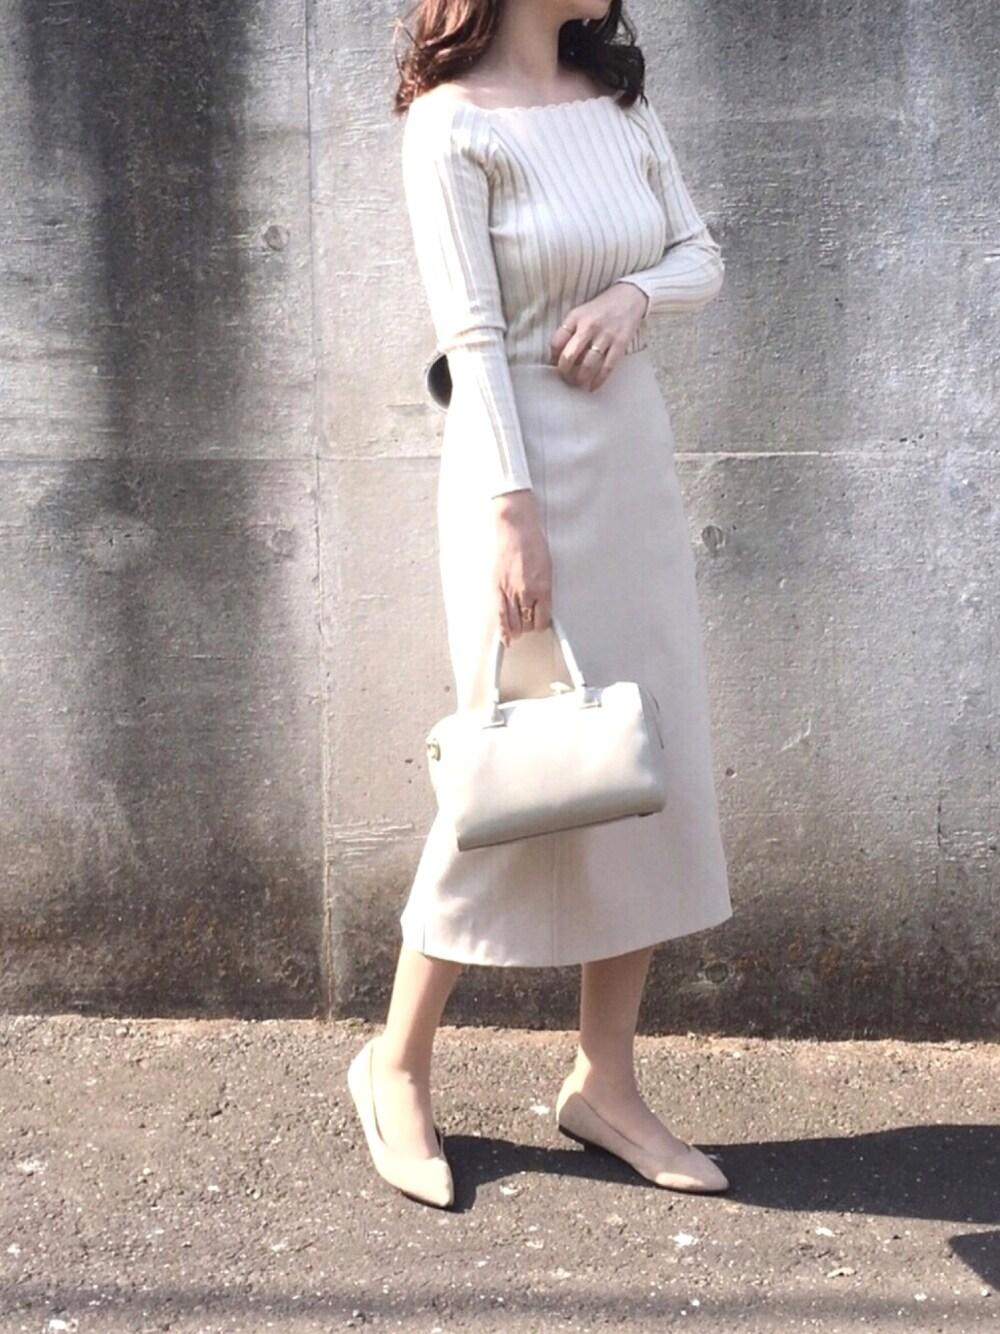 fifth 学芸会のママファッション 写真 ホワイトベージュコーデ 優しいママコーデ